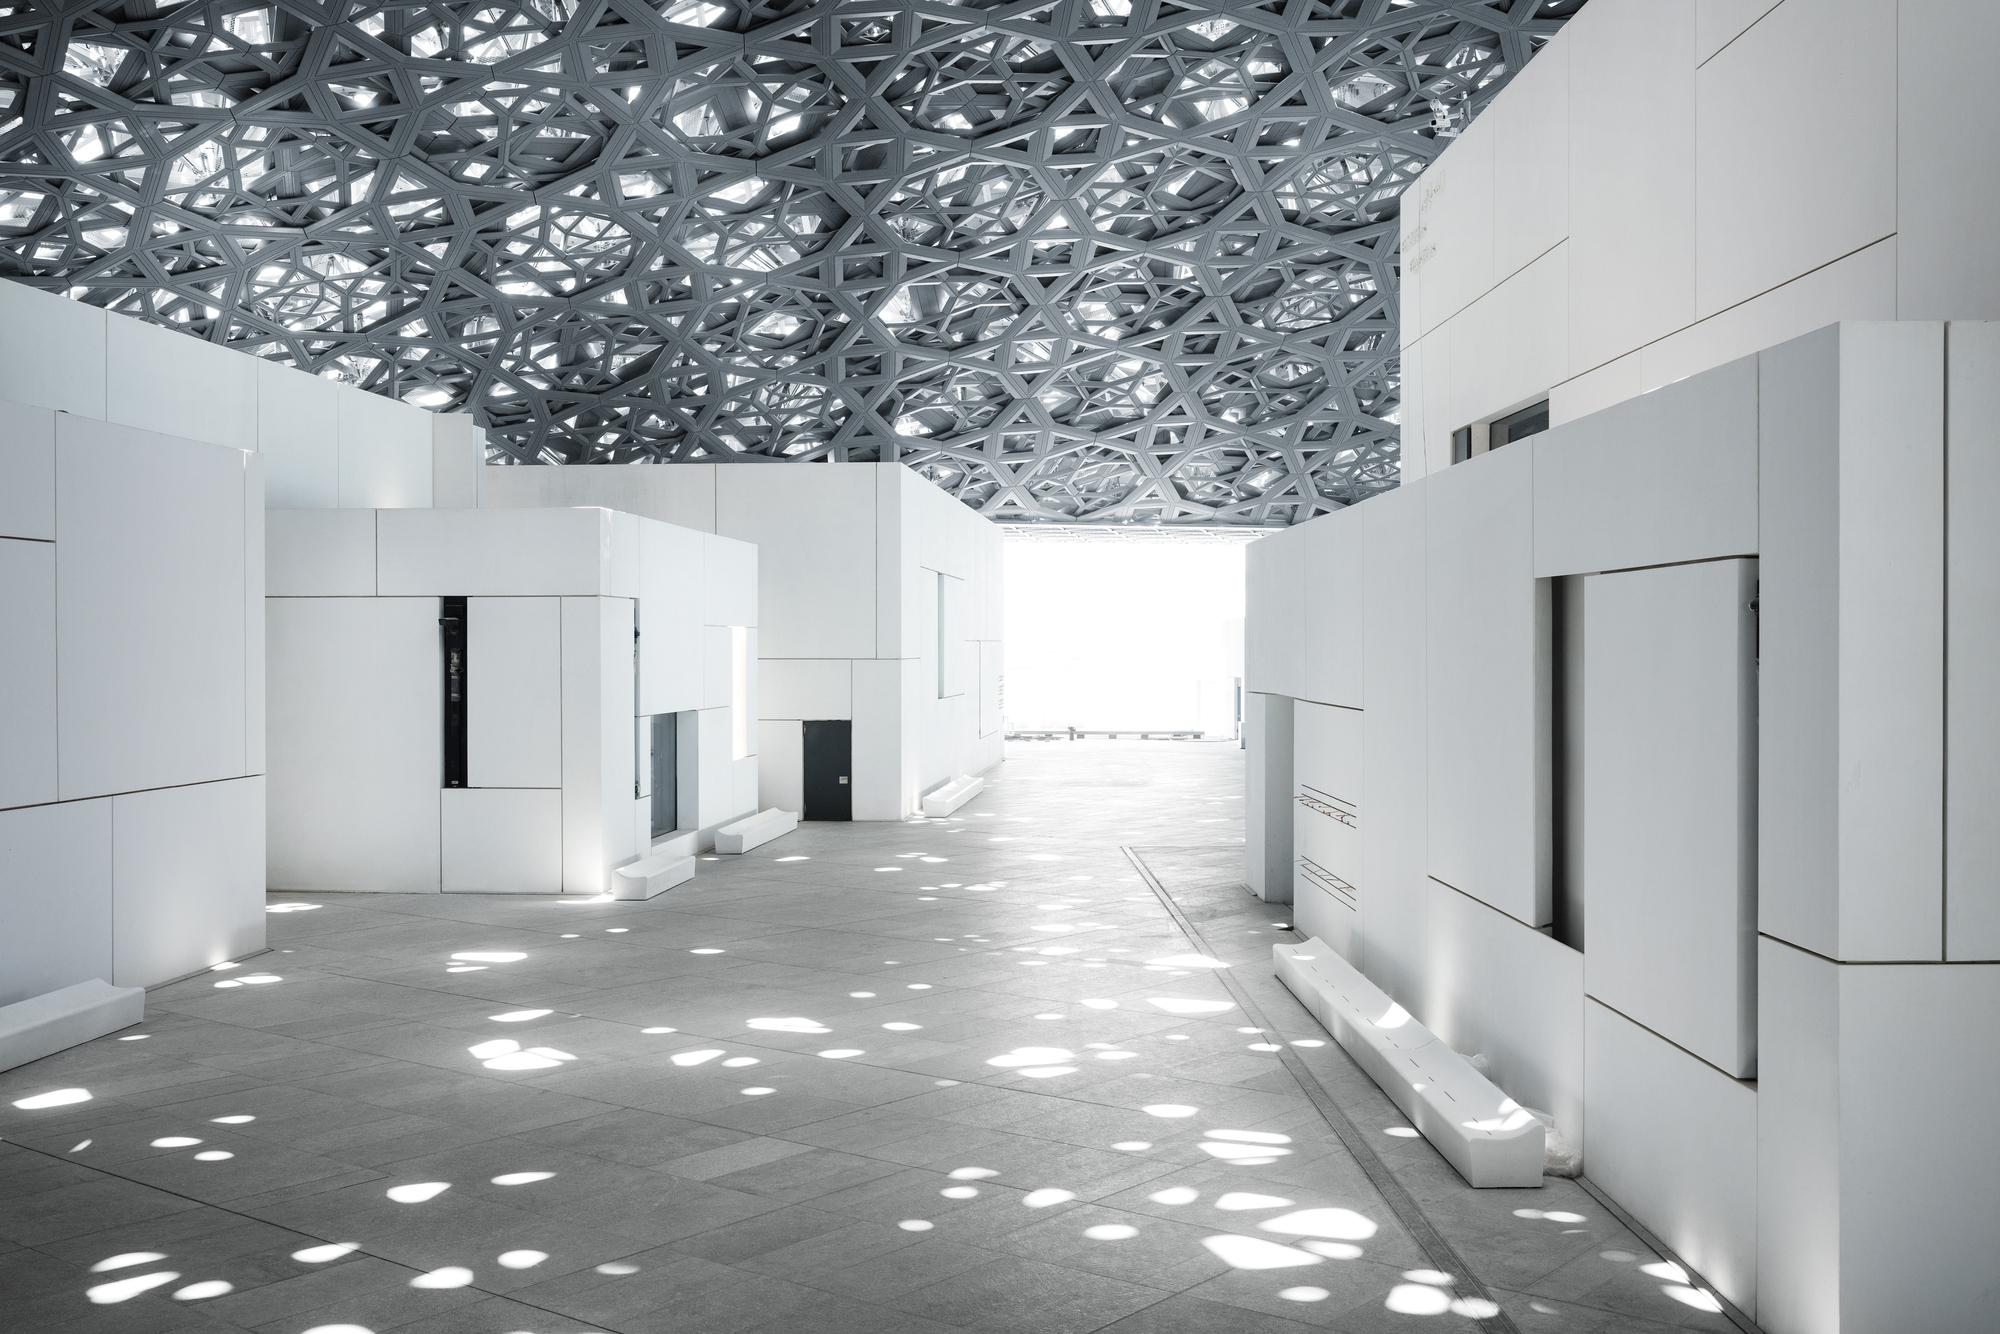 Внутреннее пространство музея. Источник https://images.adsttc.com/